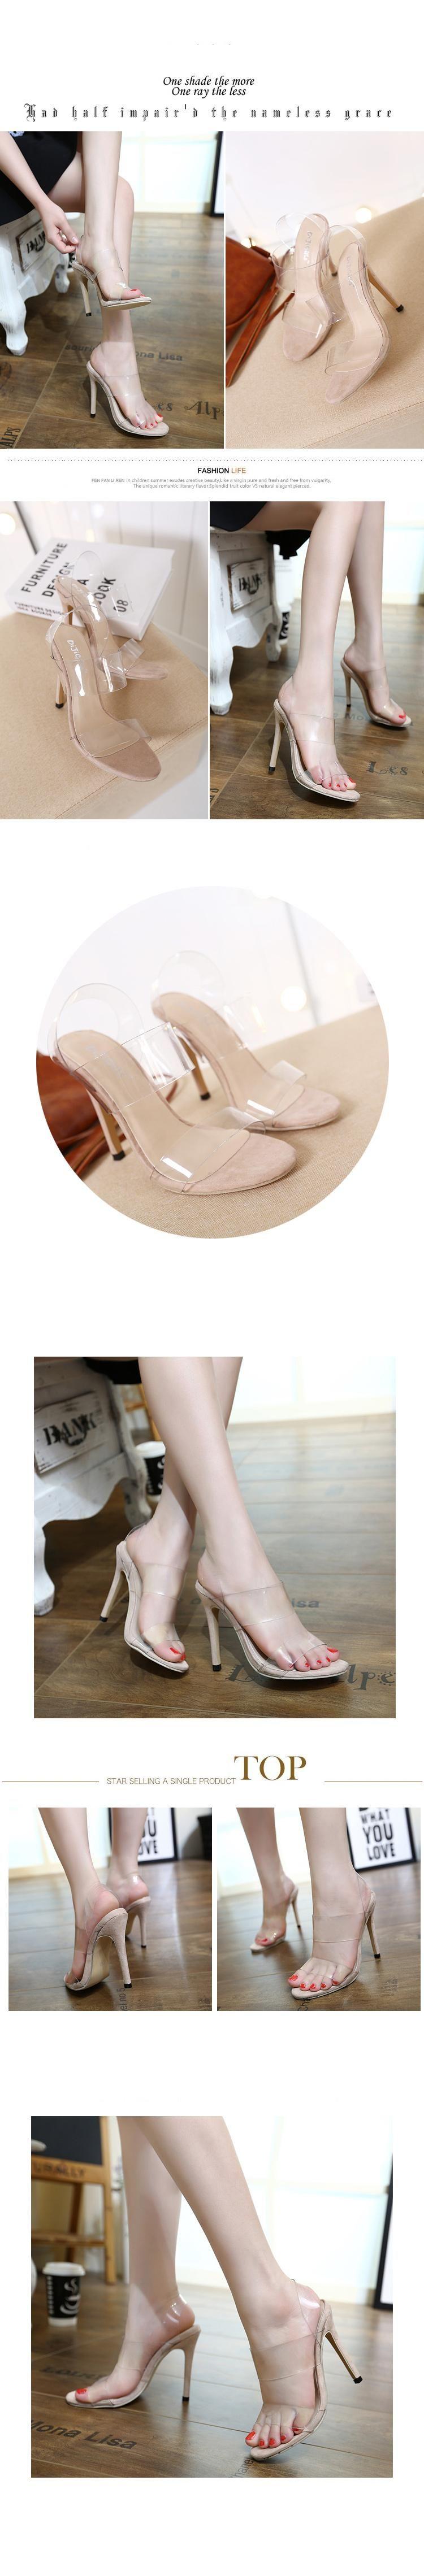 9880868378a638 Compre Concise Tornozelo Cinta Com Fivela Transparente Sandálias De Salto  Alto Transparente Mulheres Sapatos 2017 De Tradingbear, $29.45 | ...